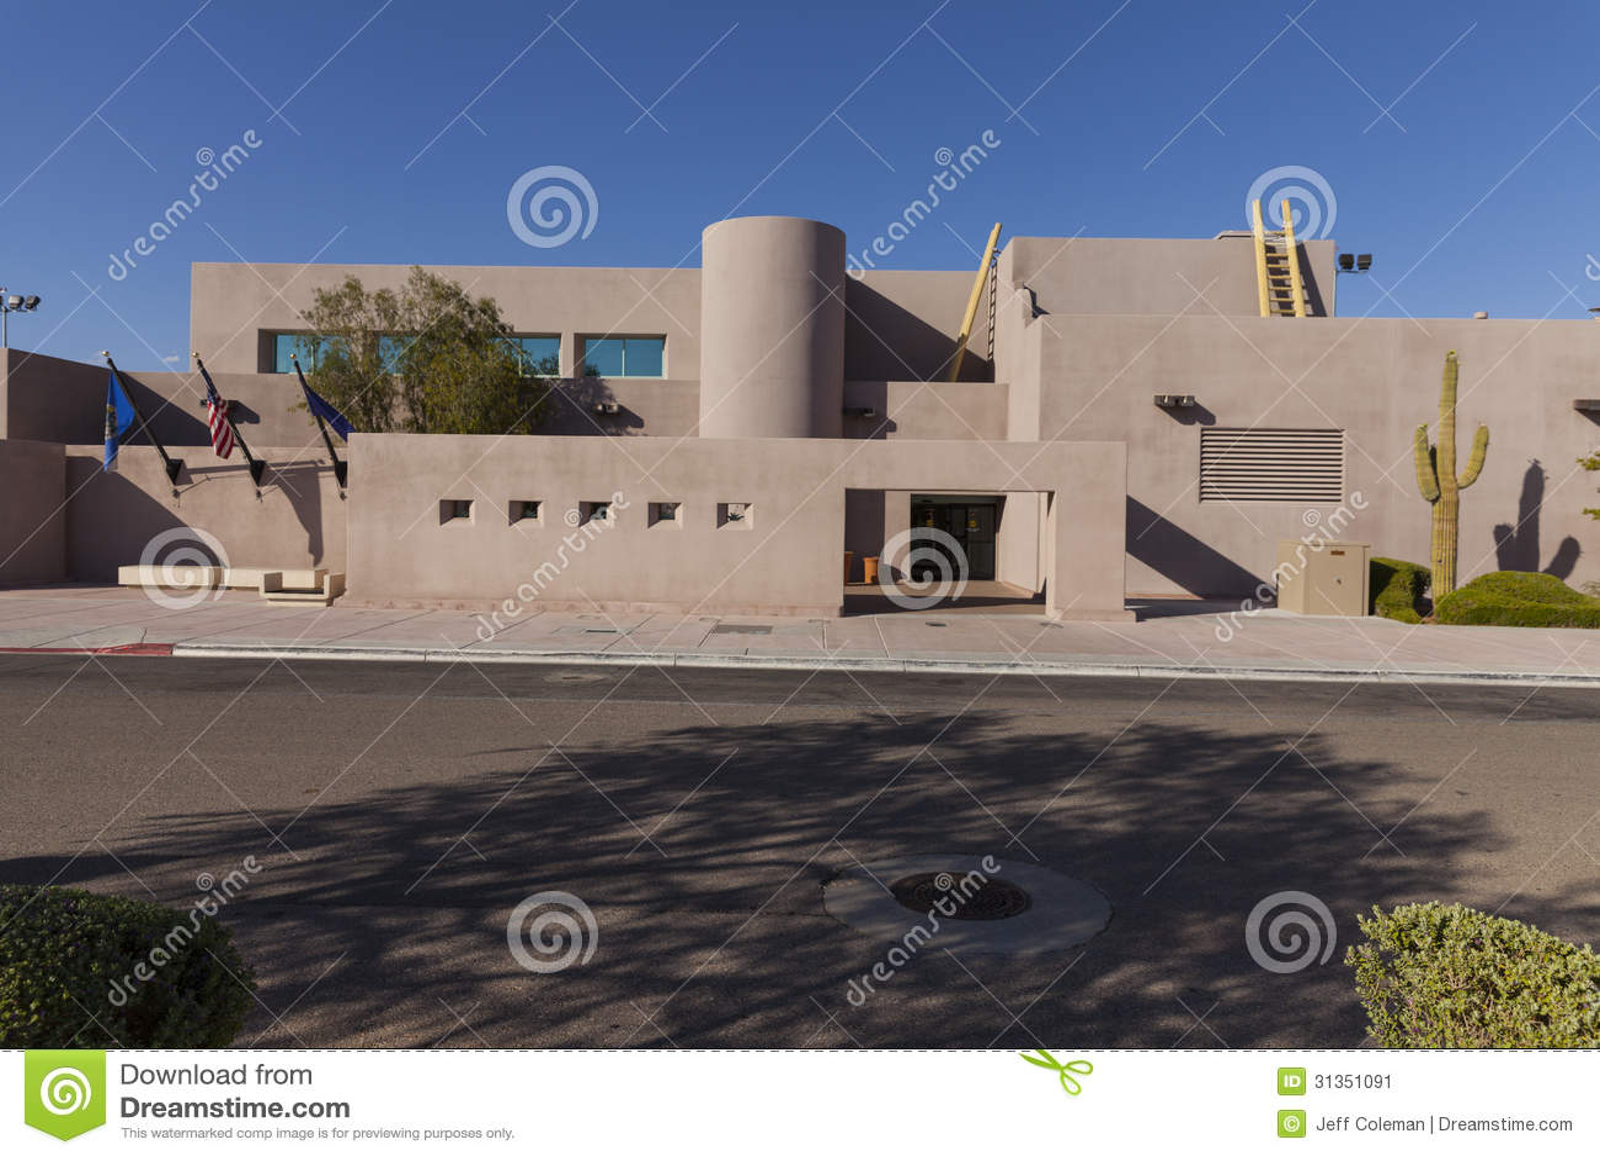 North Las Vegas Air Terminal, Daytime In Las Vegas, NV On